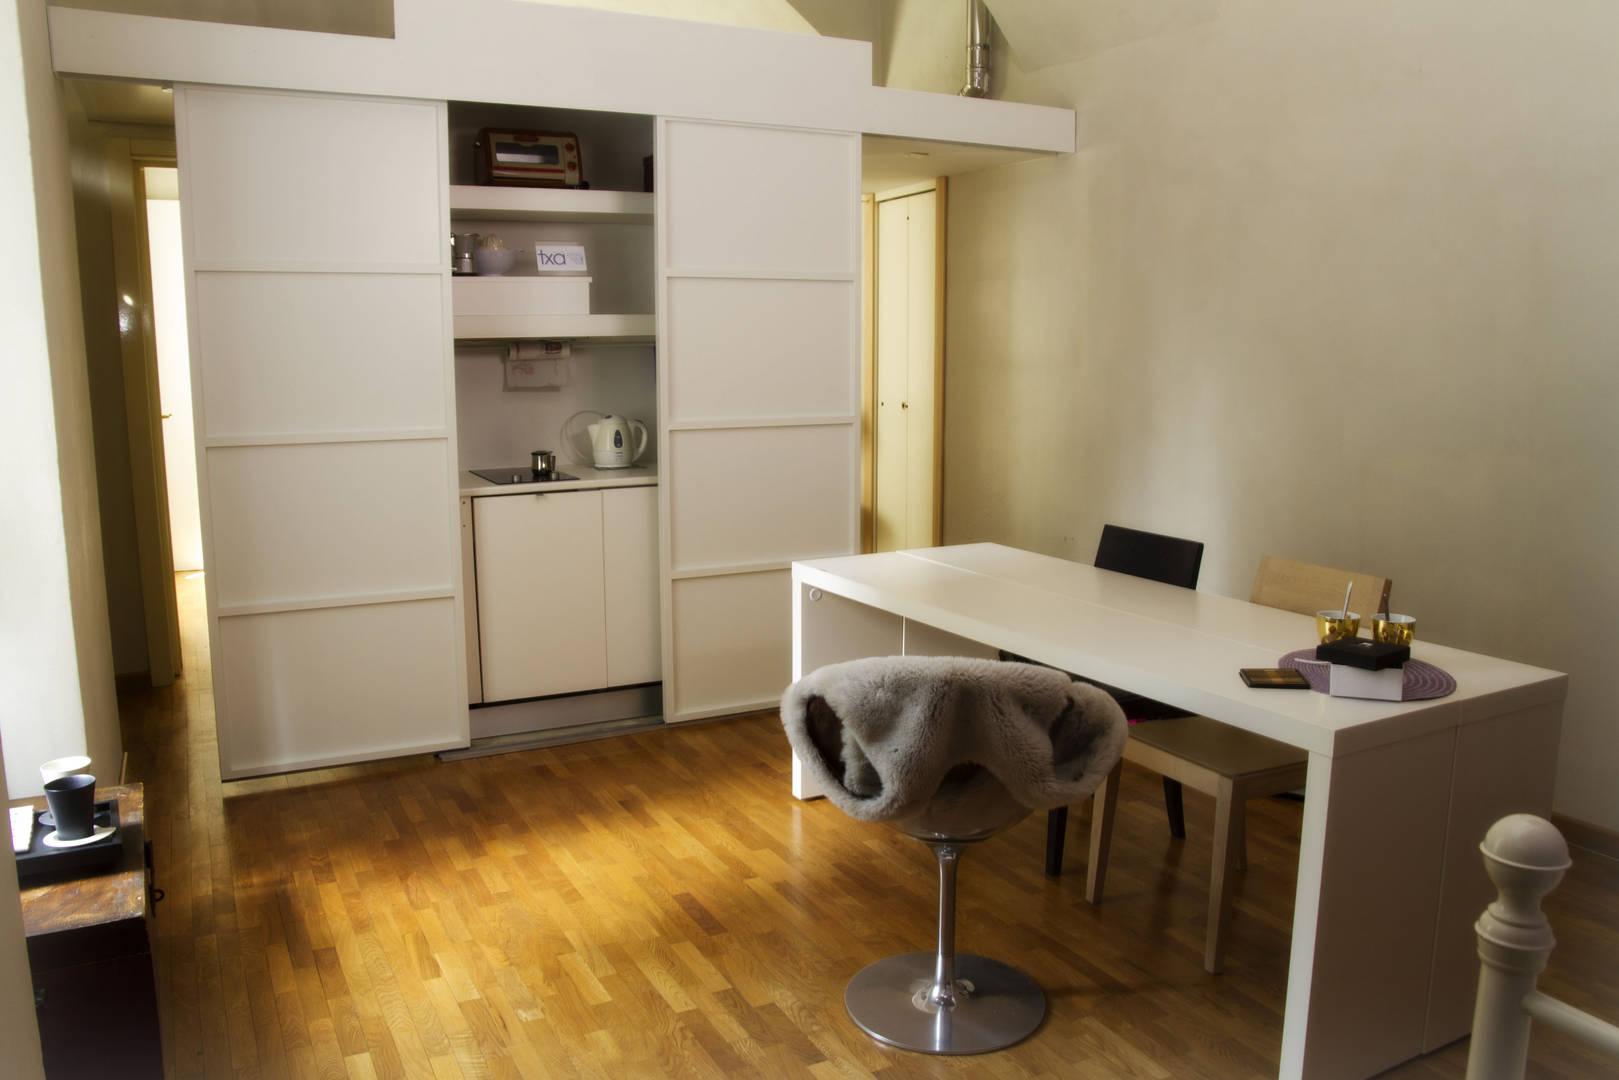 cucina e tavolo RID.jpg